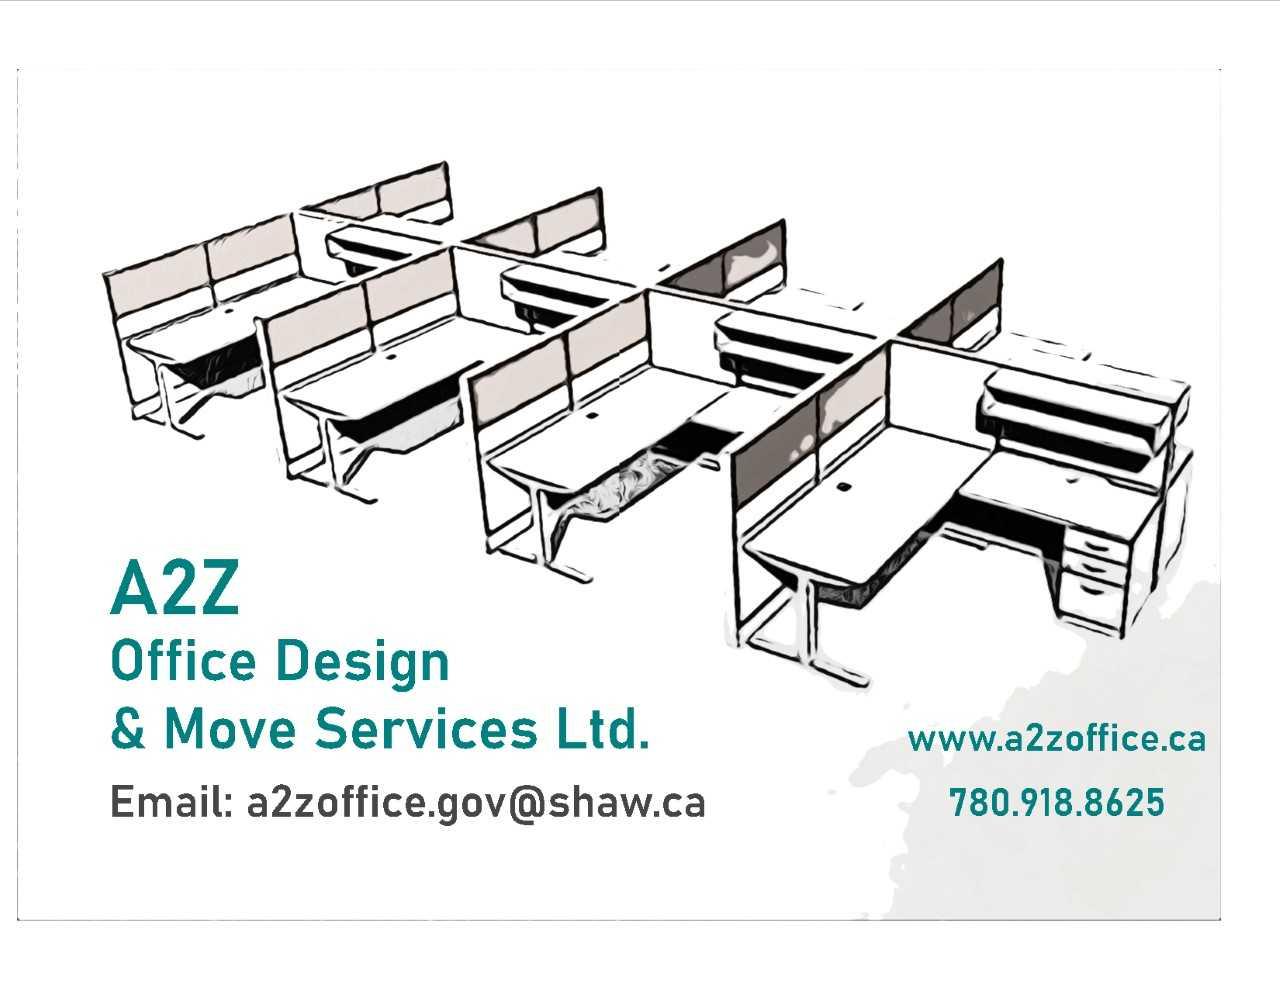 A2Z Office